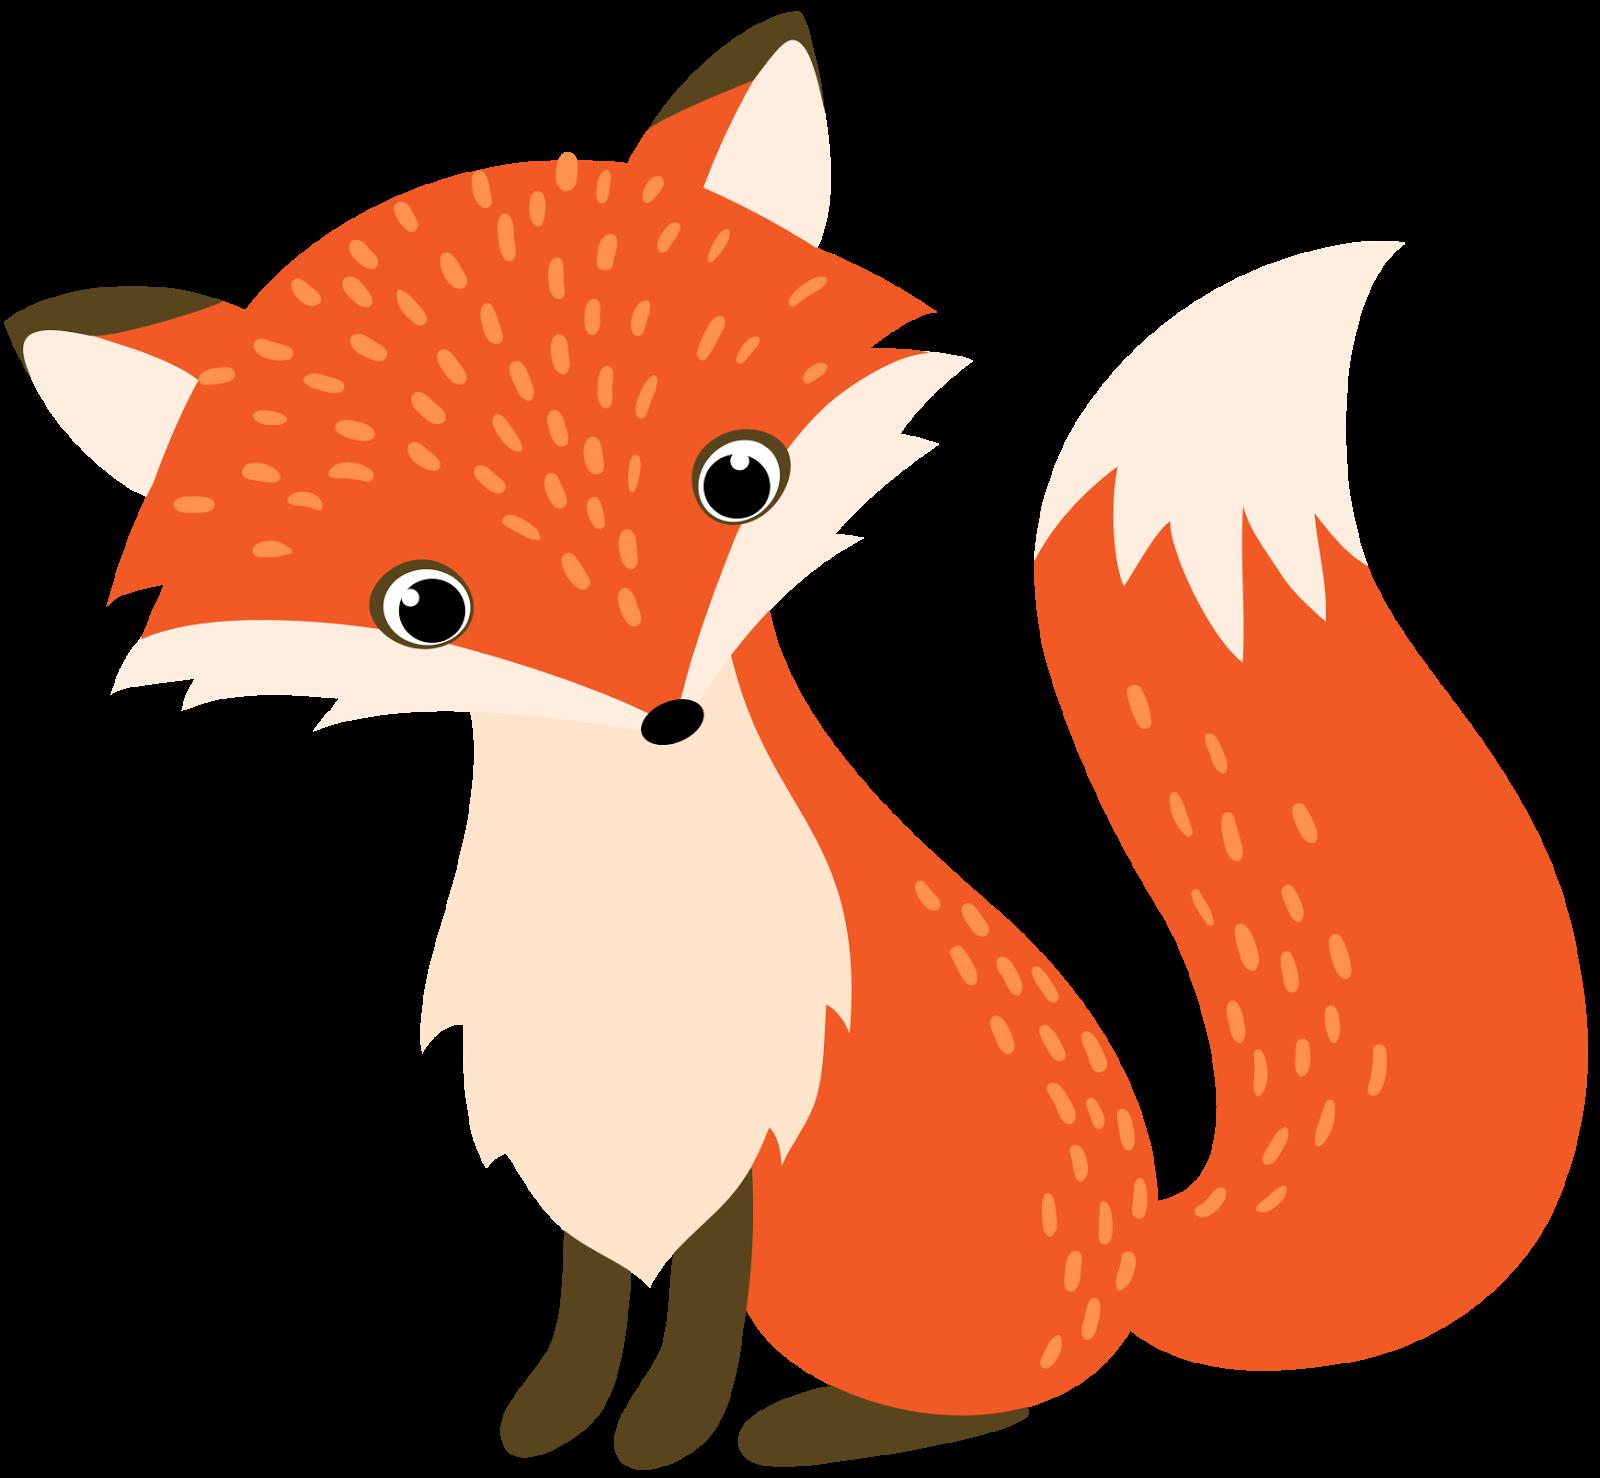 Clipart fox kawaii. Riyukko s blog label